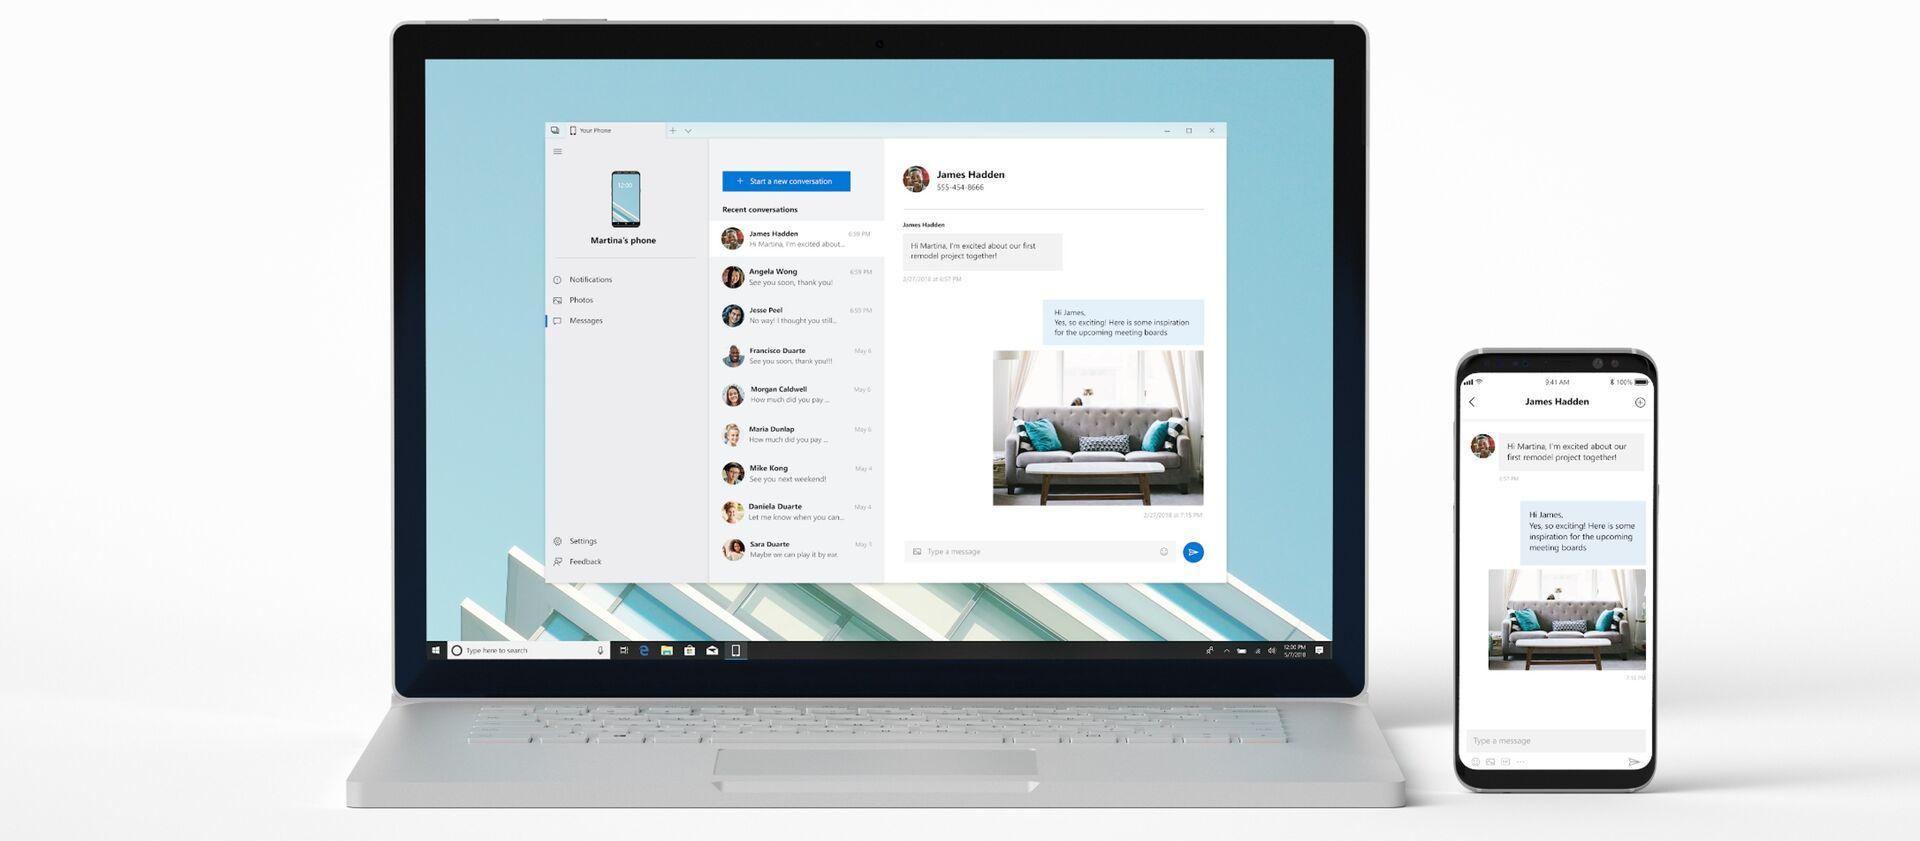 Windows 10 permitirá arrastrar y soltar archivos desde el móvil al ordenador